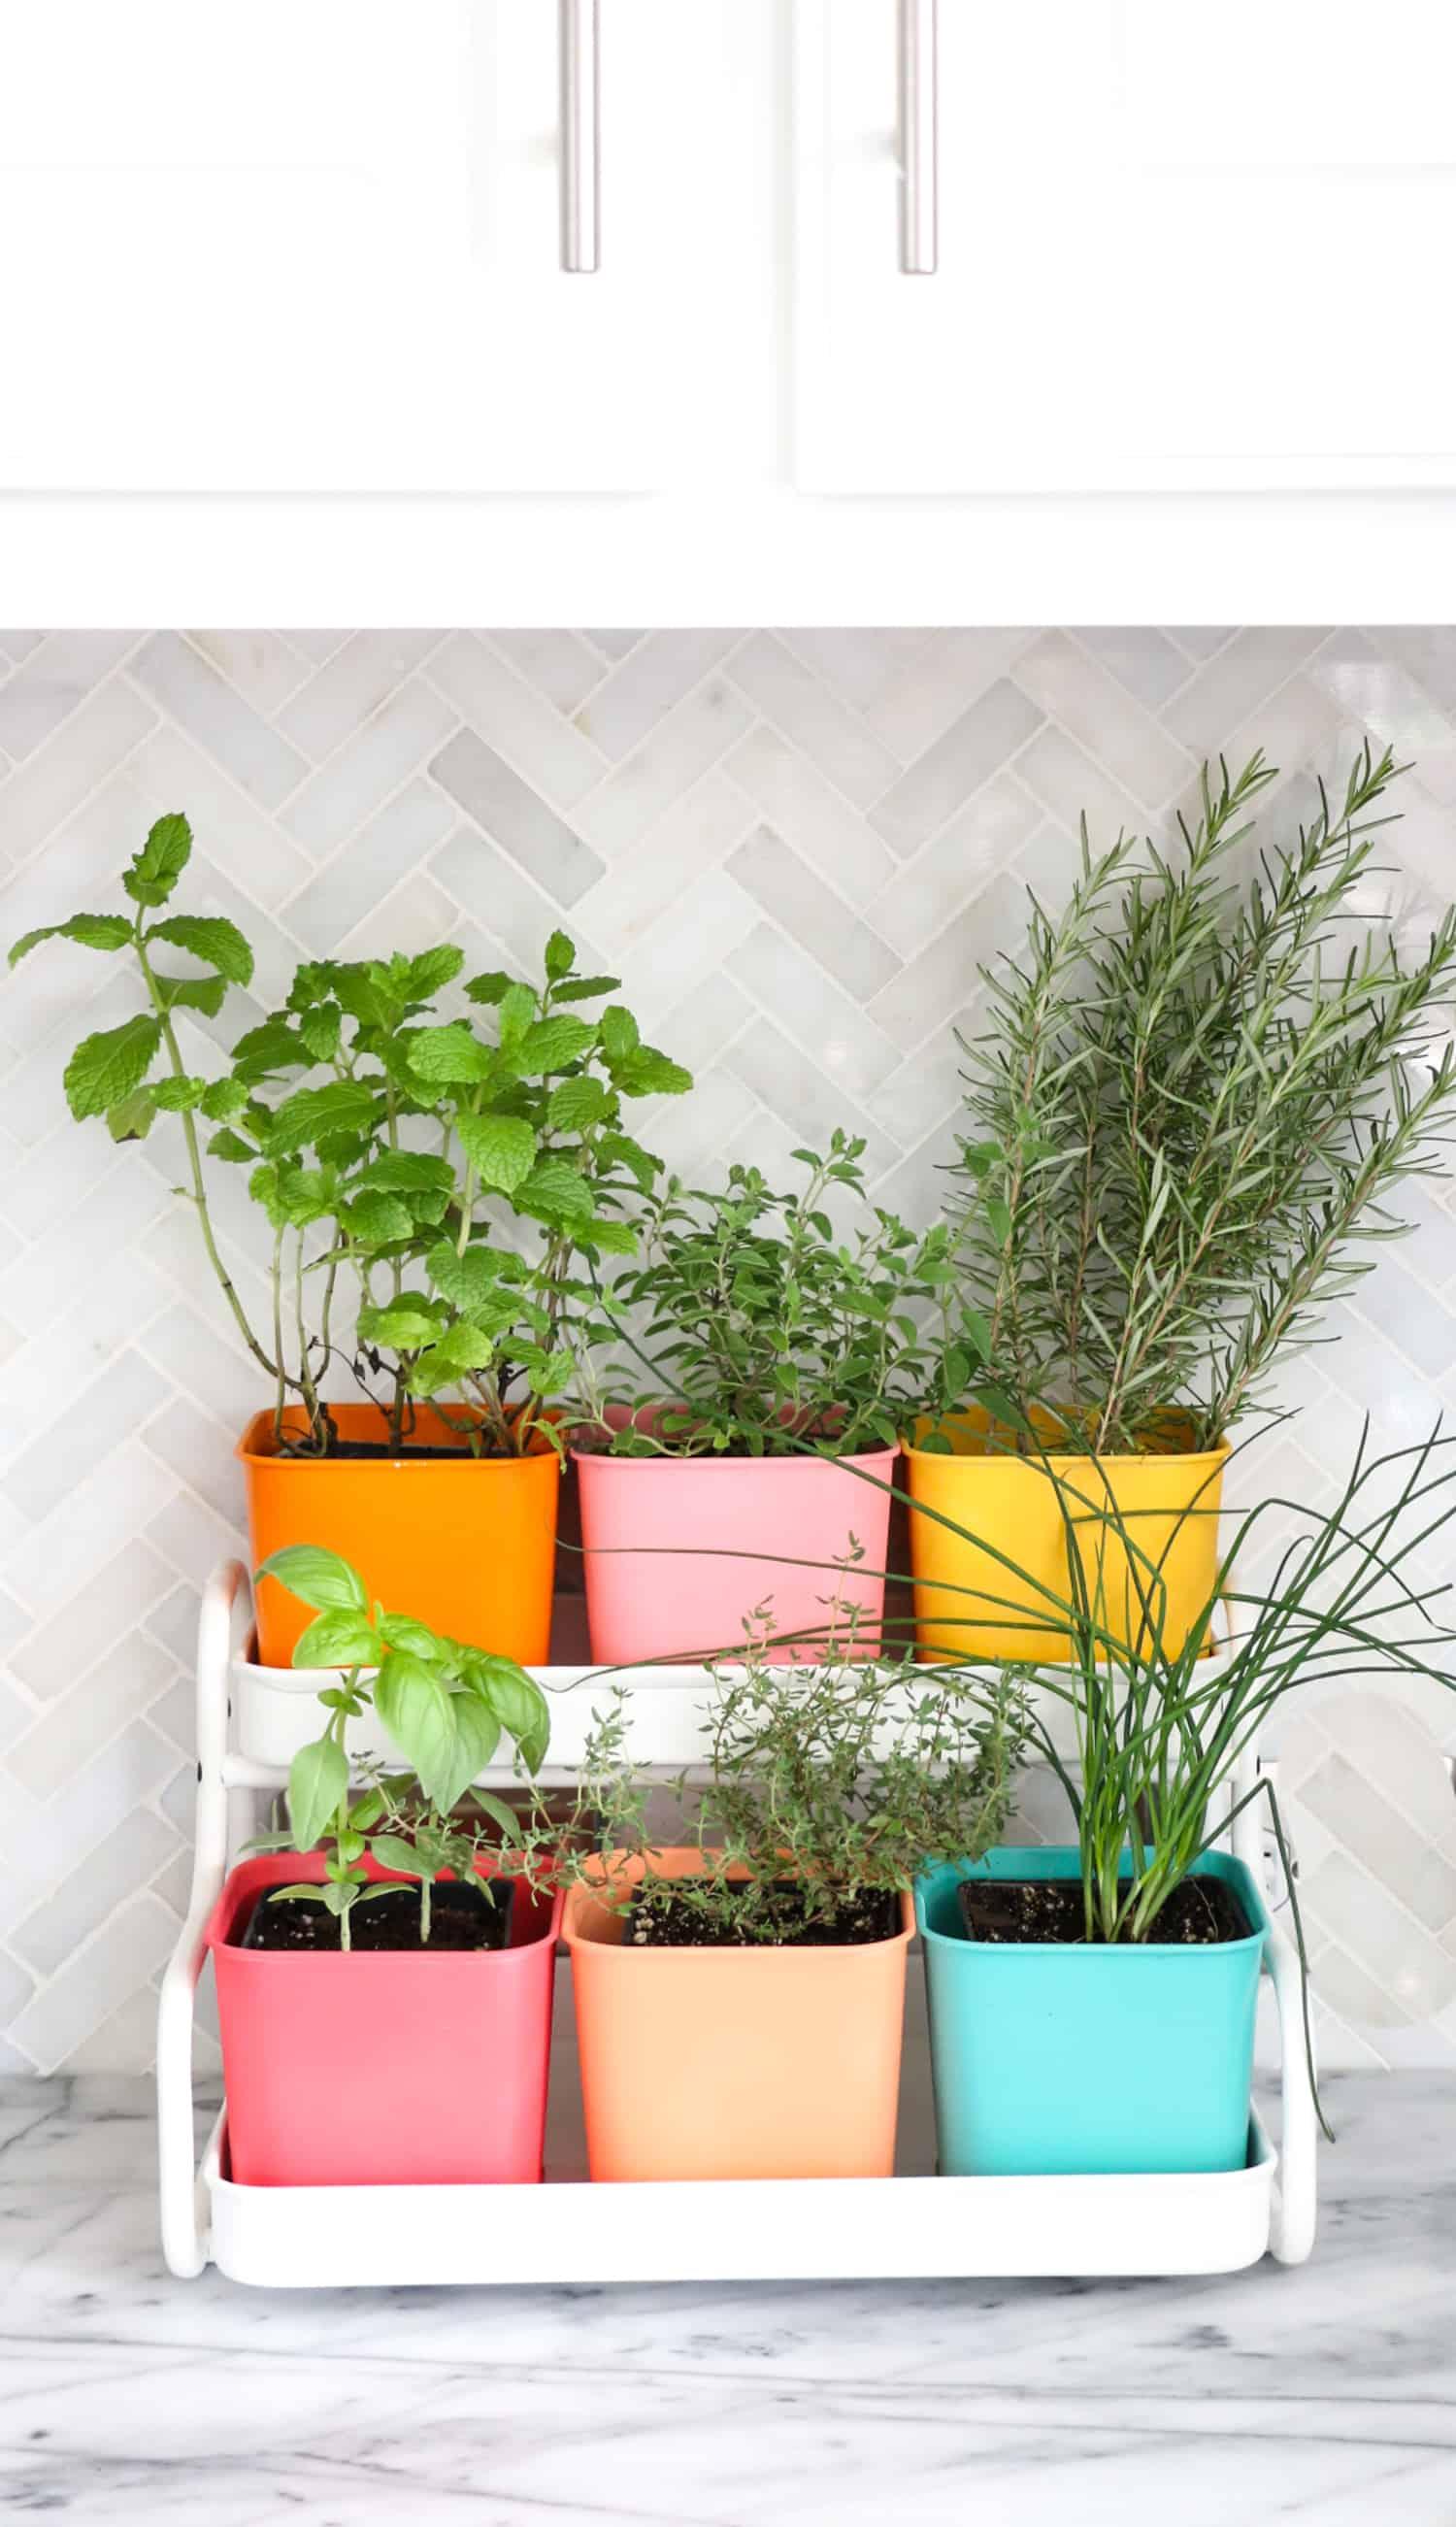 Colorful indoor garden